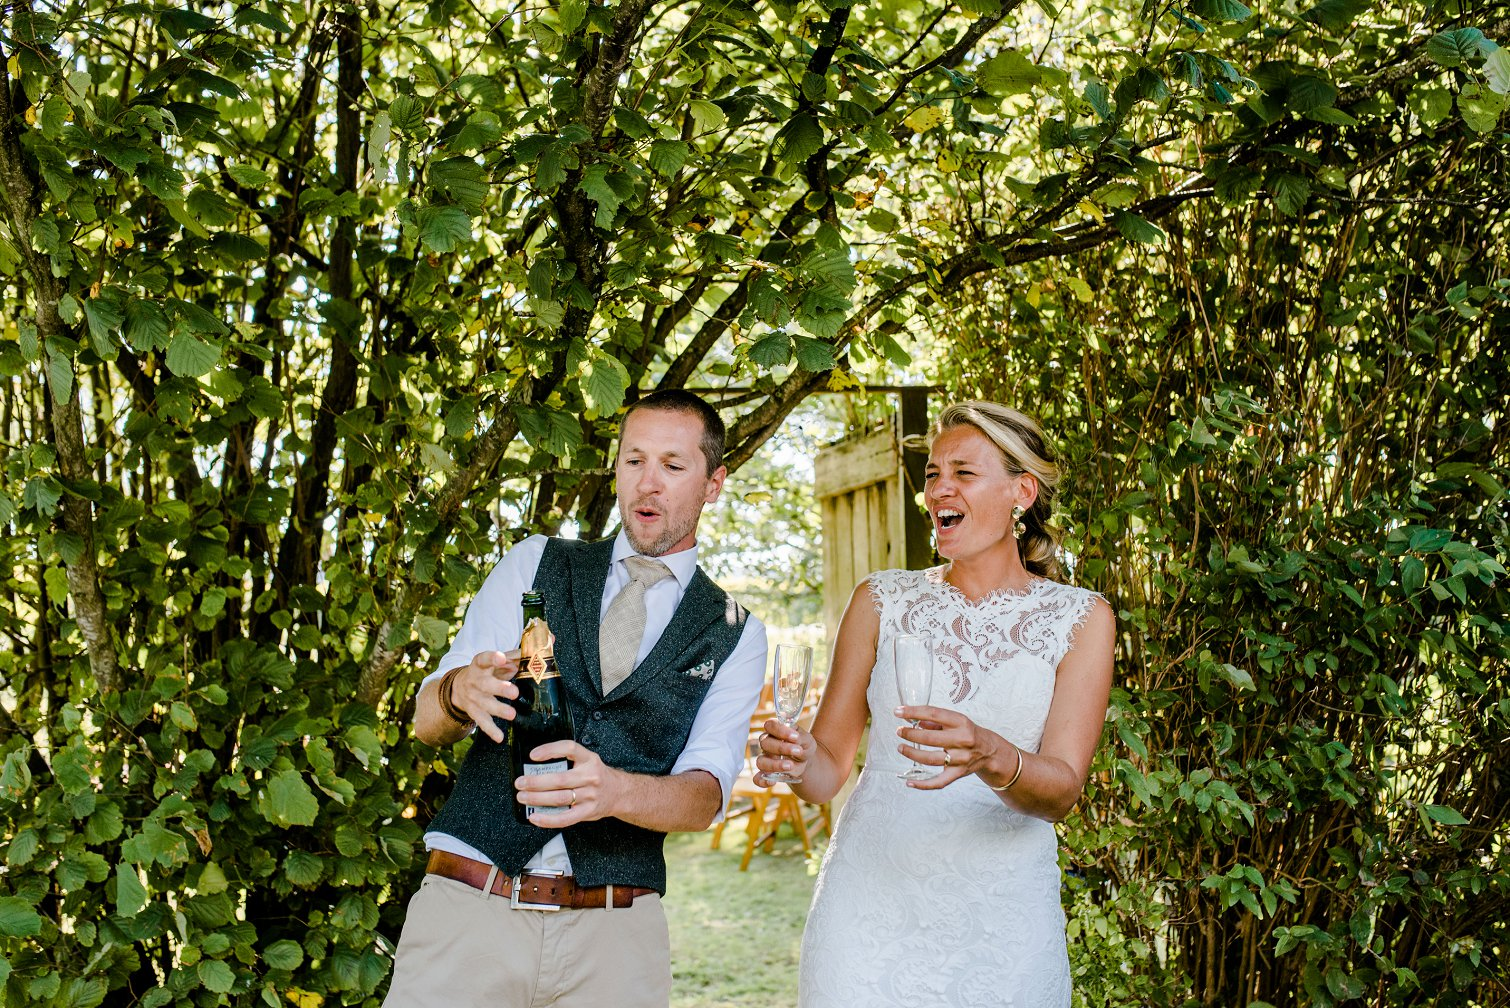 Bruidspaar met fles champagne in hun handen